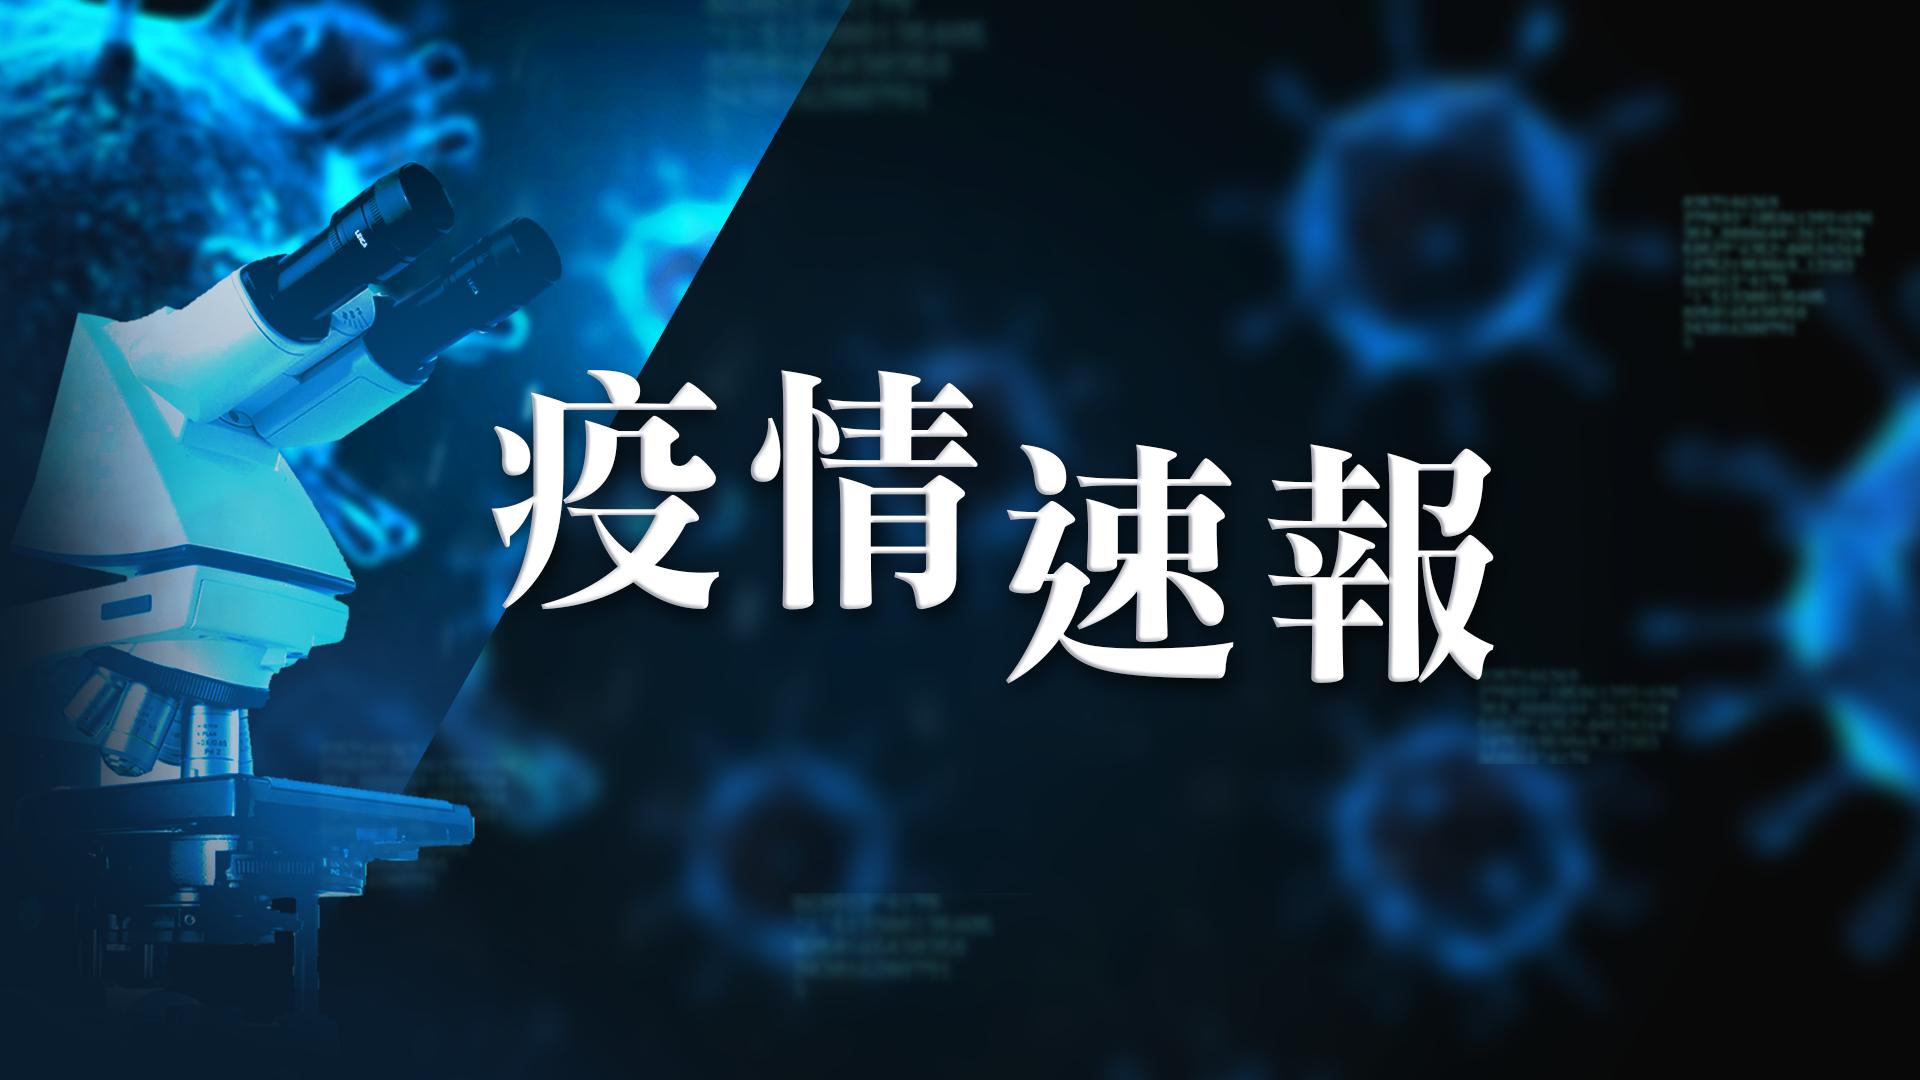 【快訊】袁國勇:博愛醫院確診老翁曾與一名30多歲其後確診男子同一病房,相信老翁因此感染